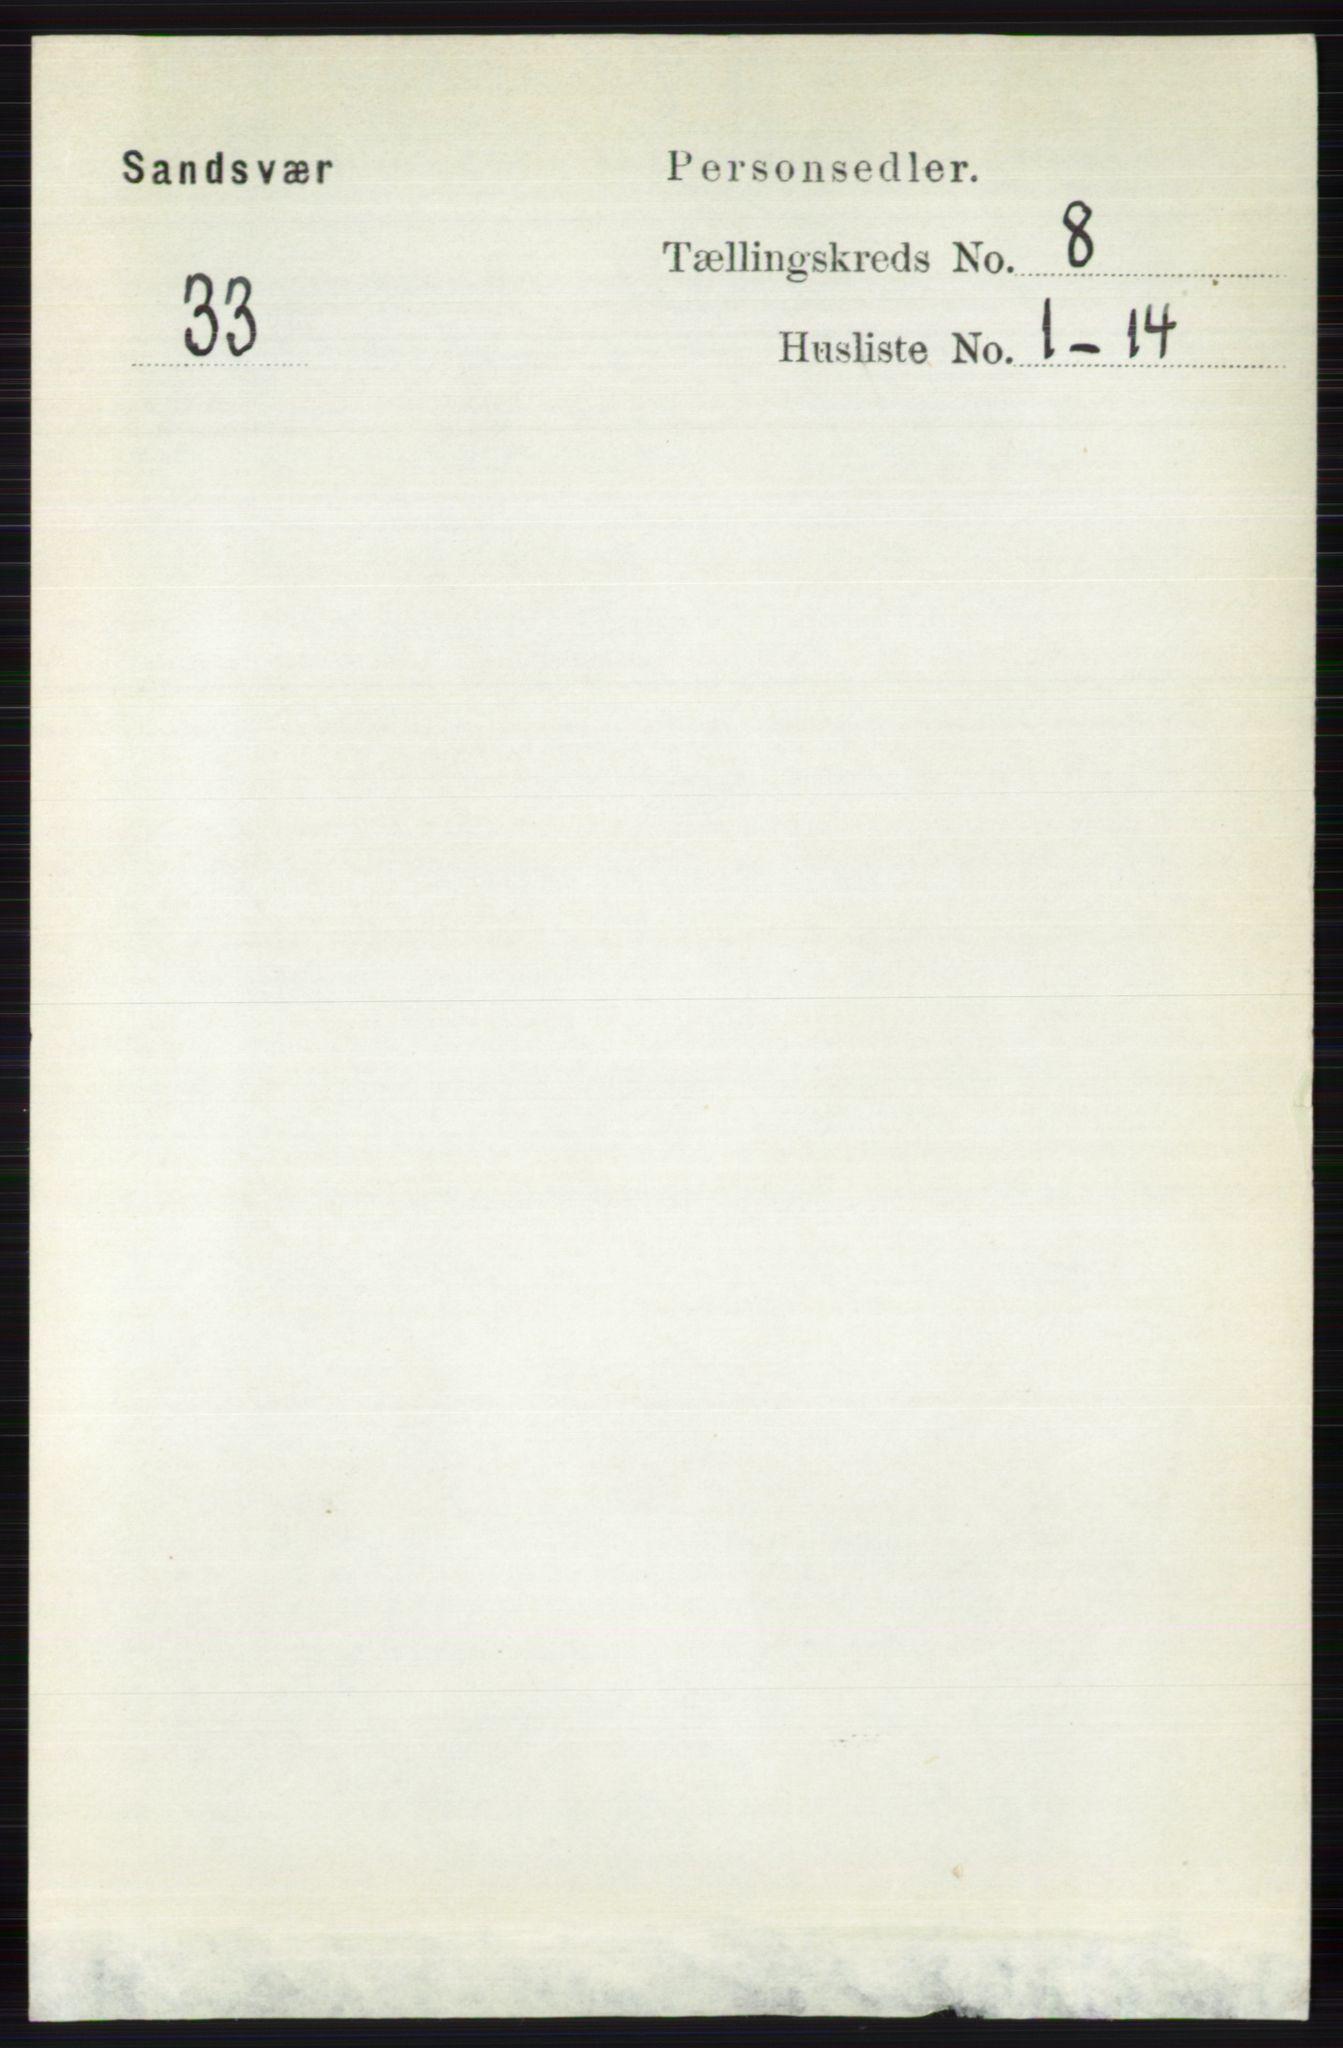 RA, Folketelling 1891 for 0629 Sandsvær herred, 1891, s. 4285